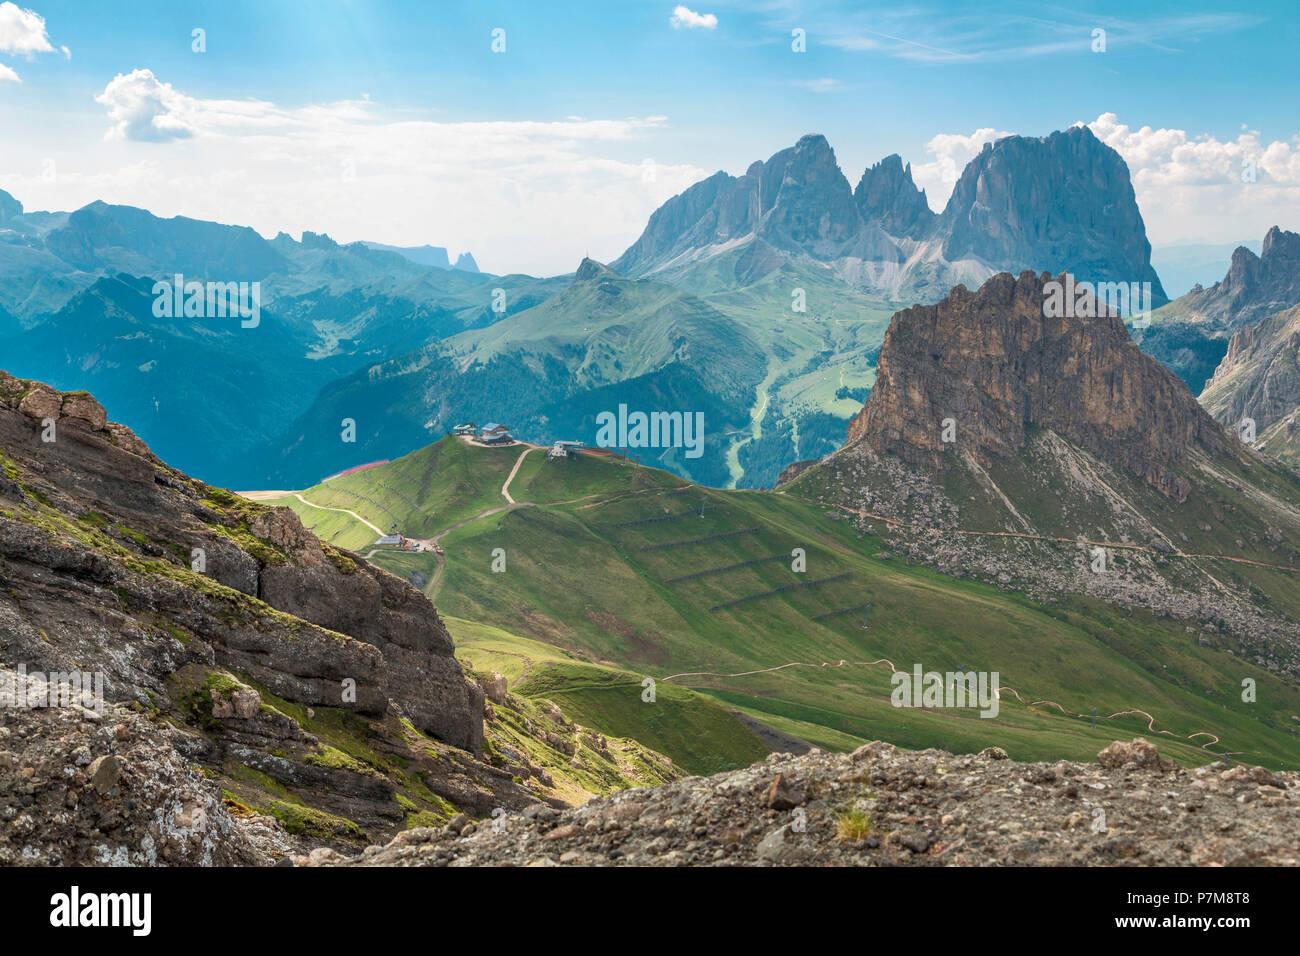 La vista dal sentiero delle Creste, Passo Pordoi, Arabba, Belluno, Veneto, Italia, Europa Foto Stock